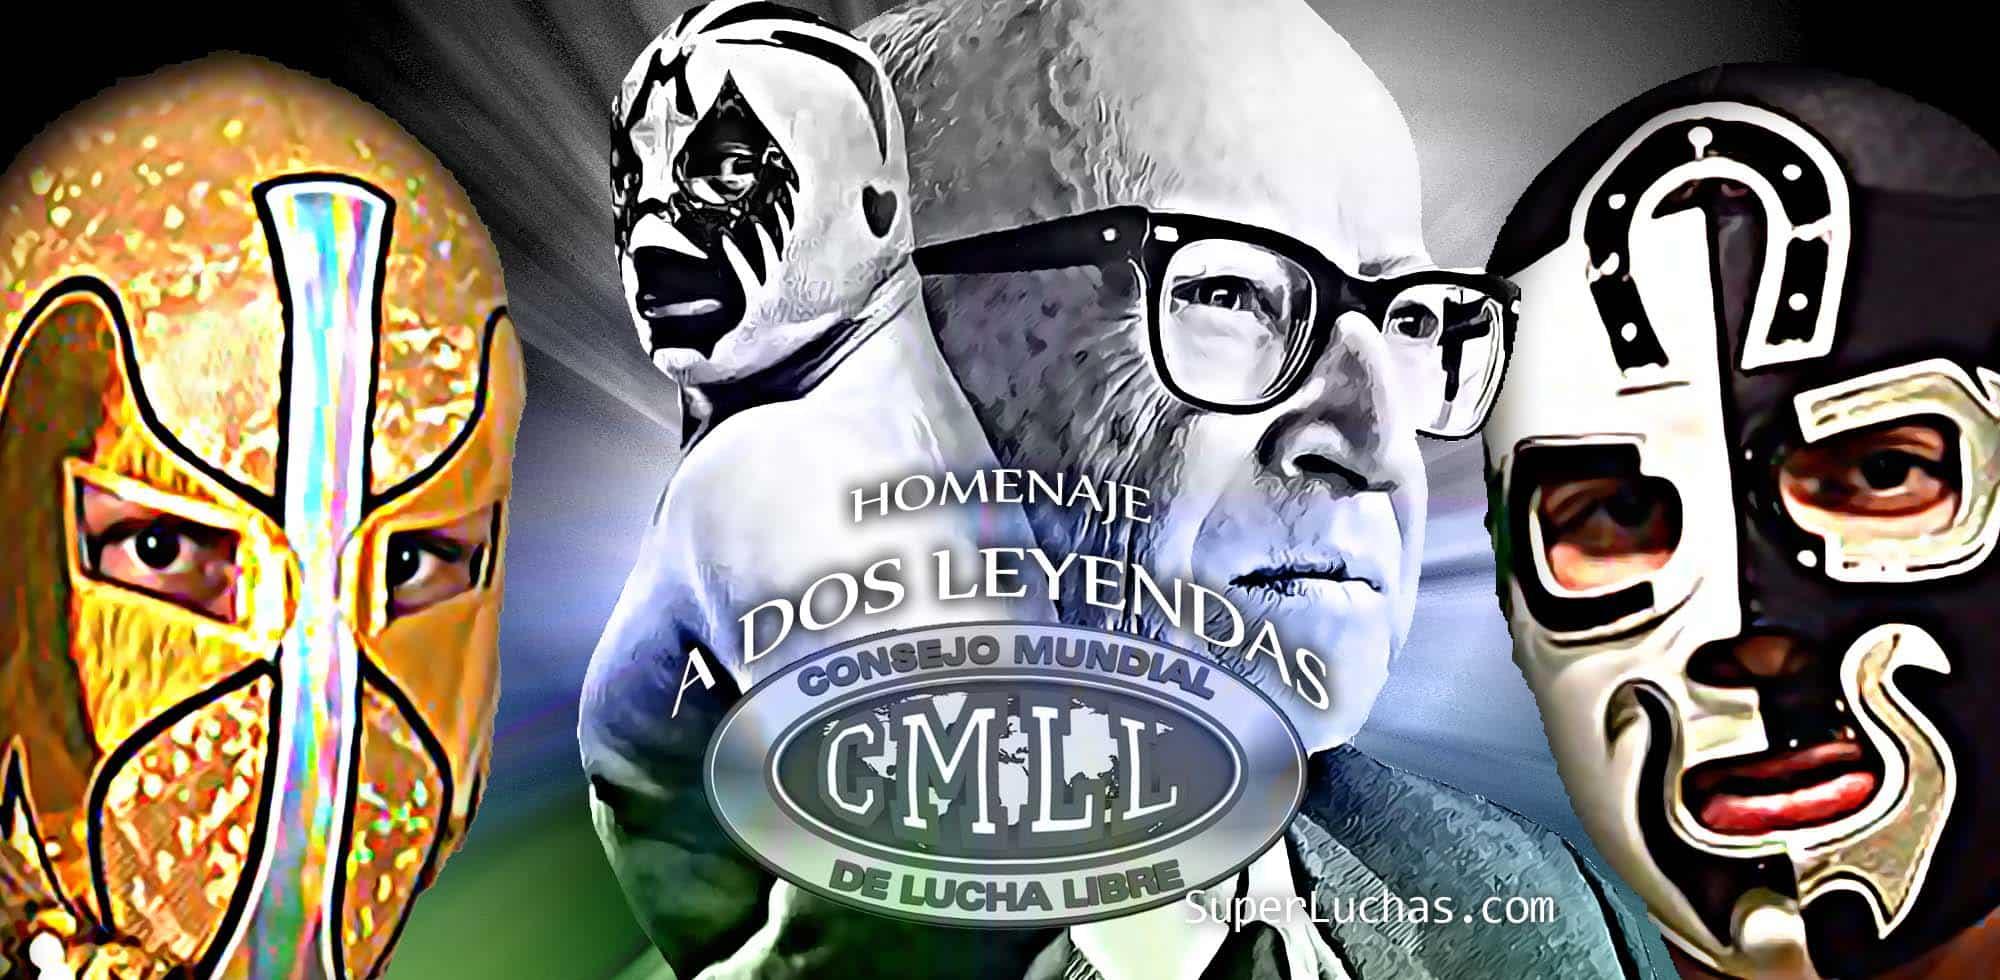 Resultados Homenaje a Dos Leyendas: Ángel de Oro vs. Cuatrero 6